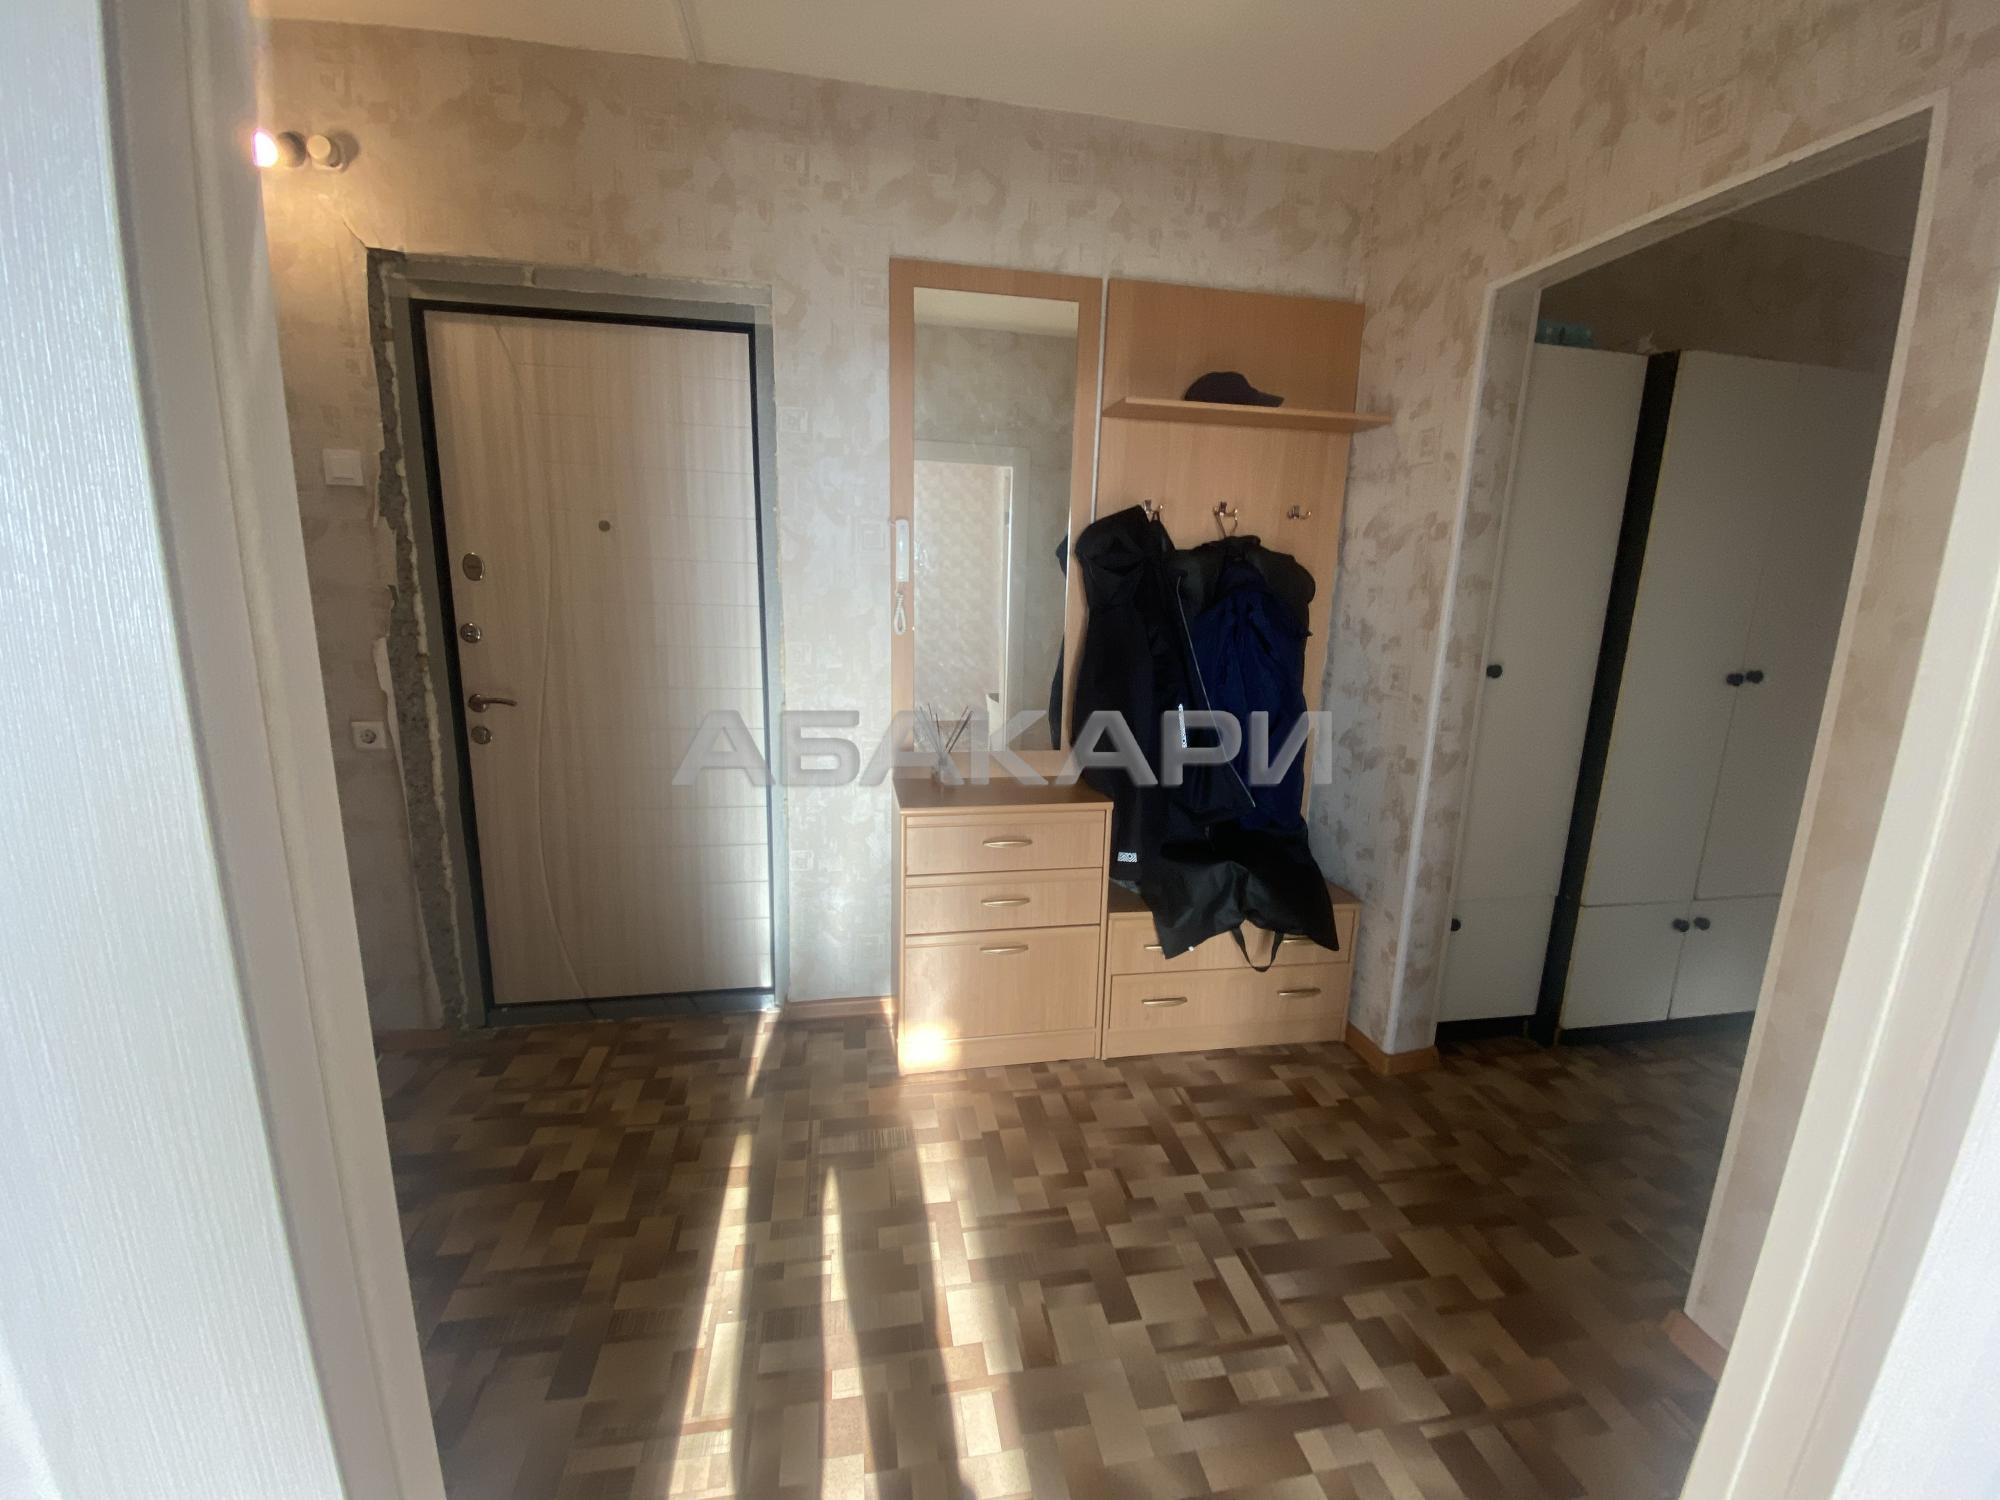 2к квартира улица Дмитрия Мартынова, 45 12/14 - 57кв | 23000 | аренда в Красноярске фото 16